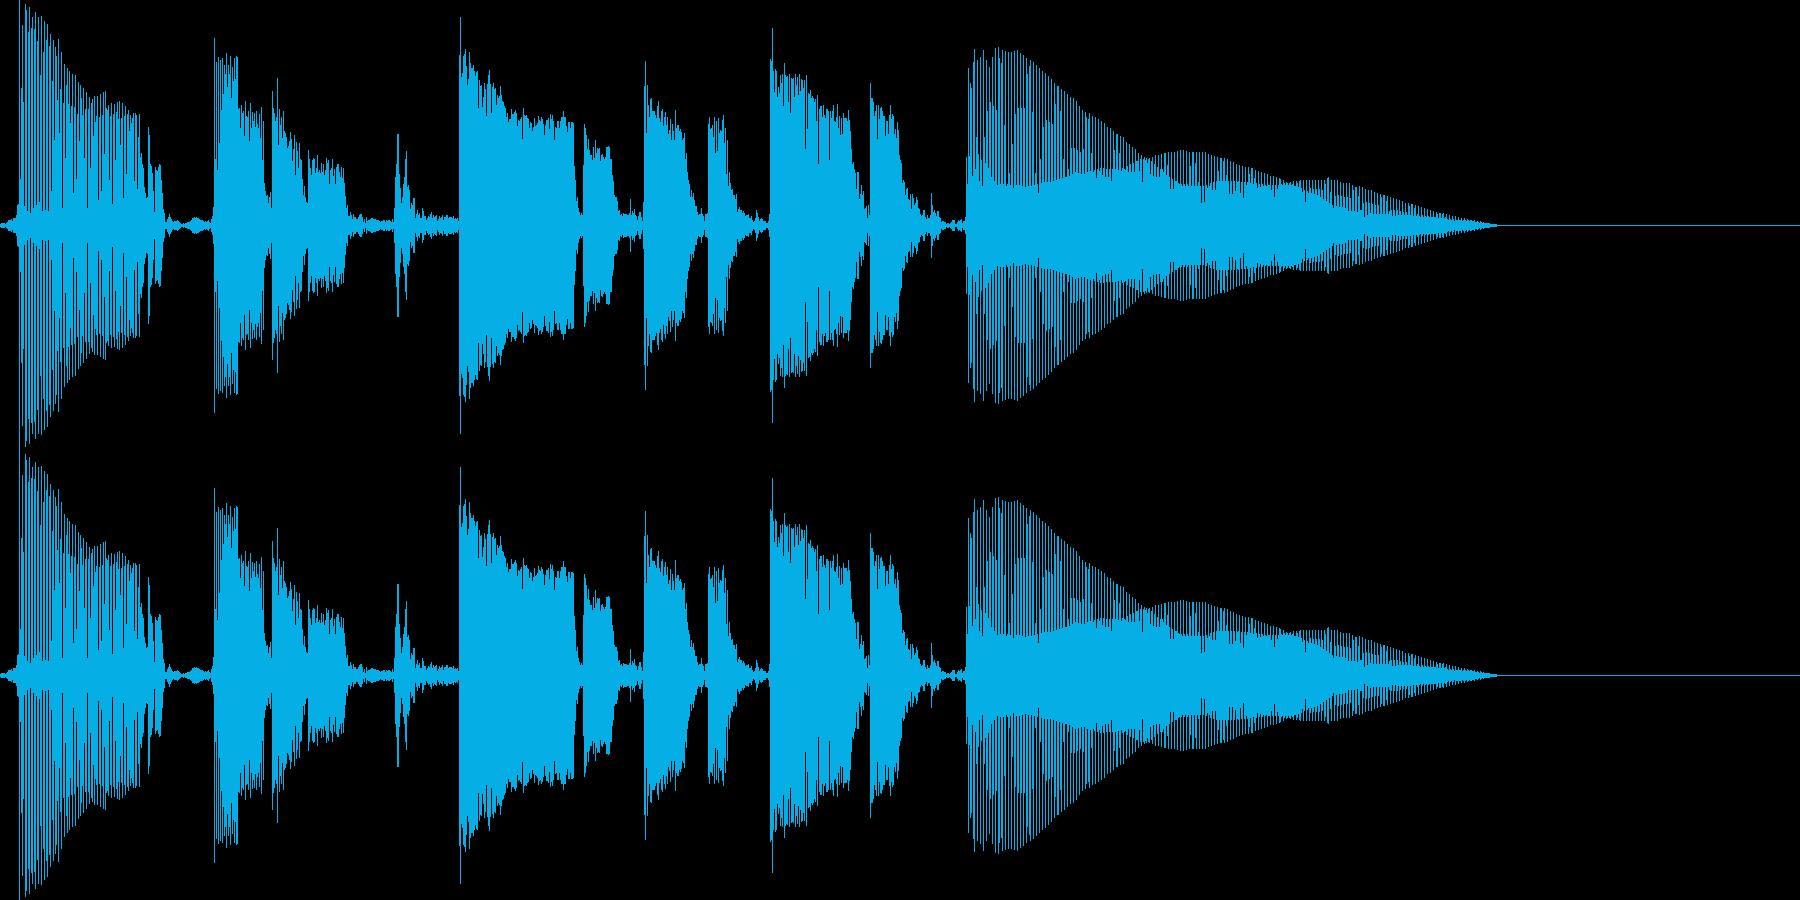 ちょいファンキーなベースのみのジングルの再生済みの波形